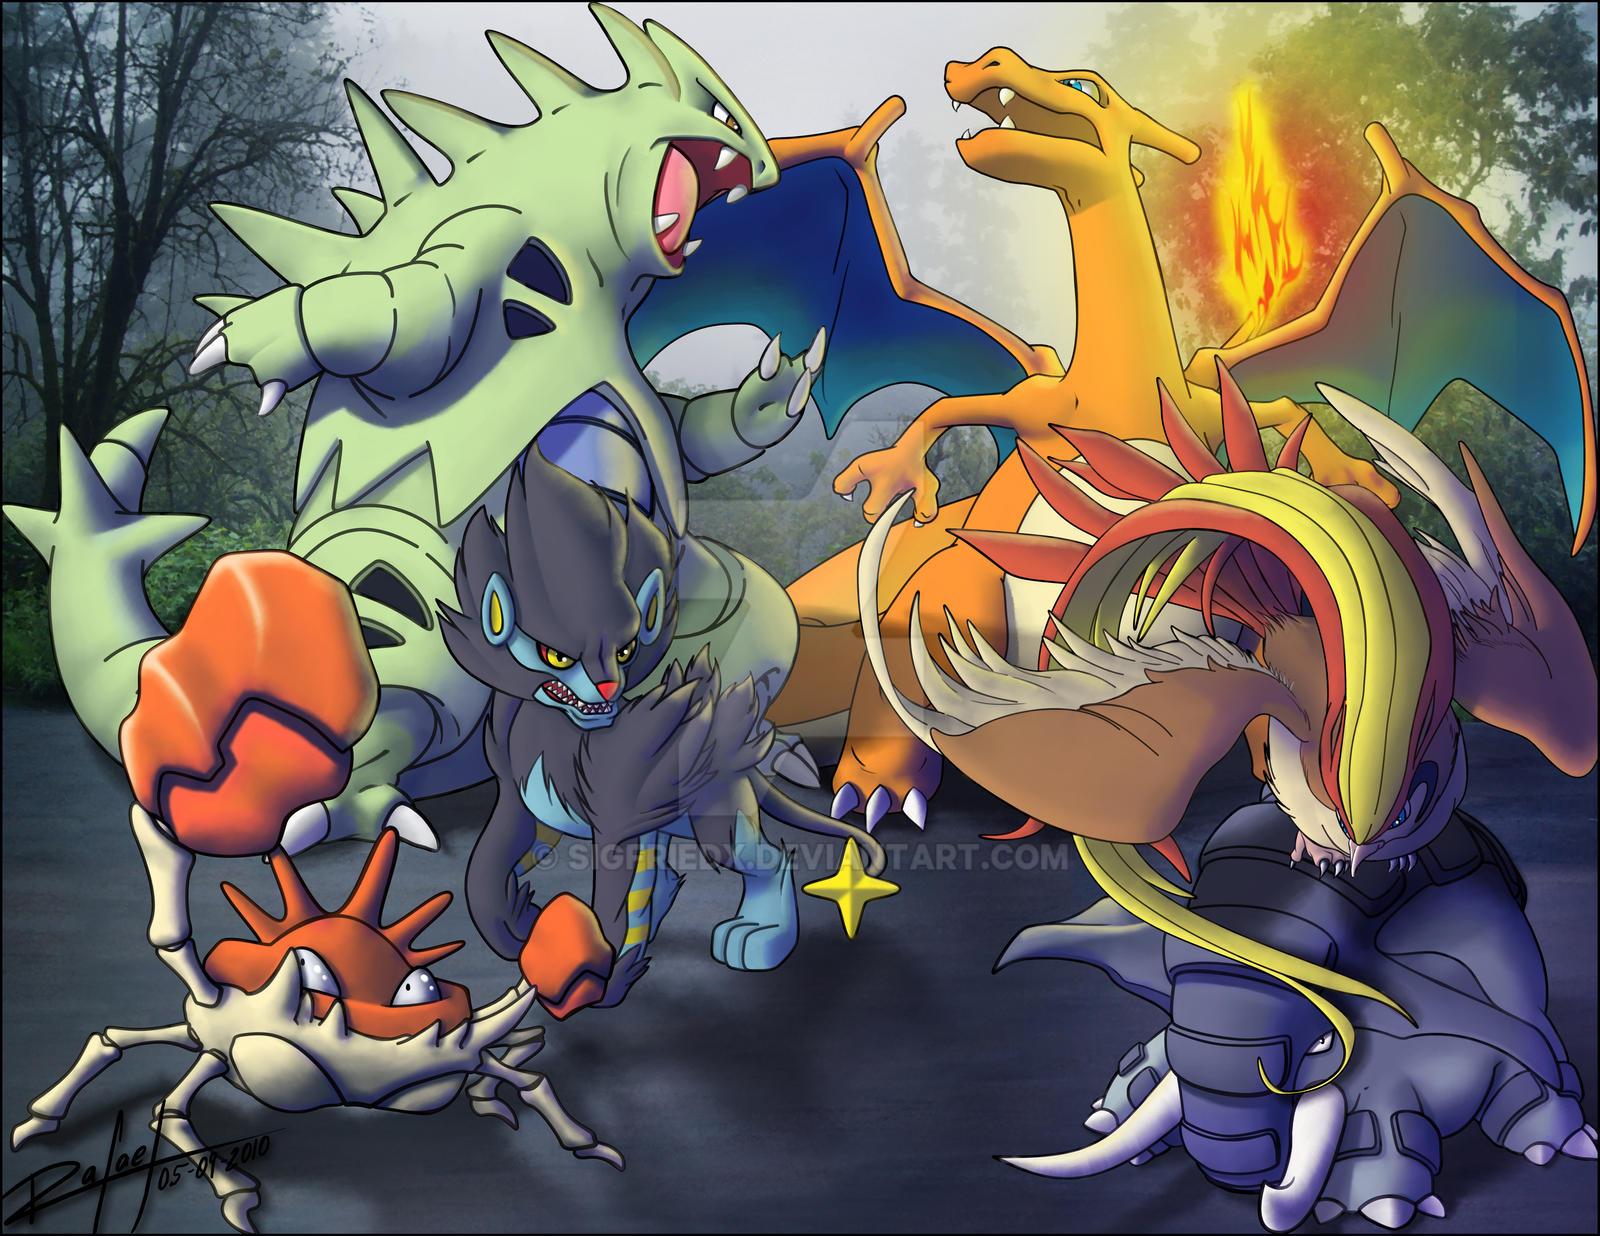 Legendary Pokemon Zoroark Pokemon Dream Team Xd By Sigfriedx Dyyj